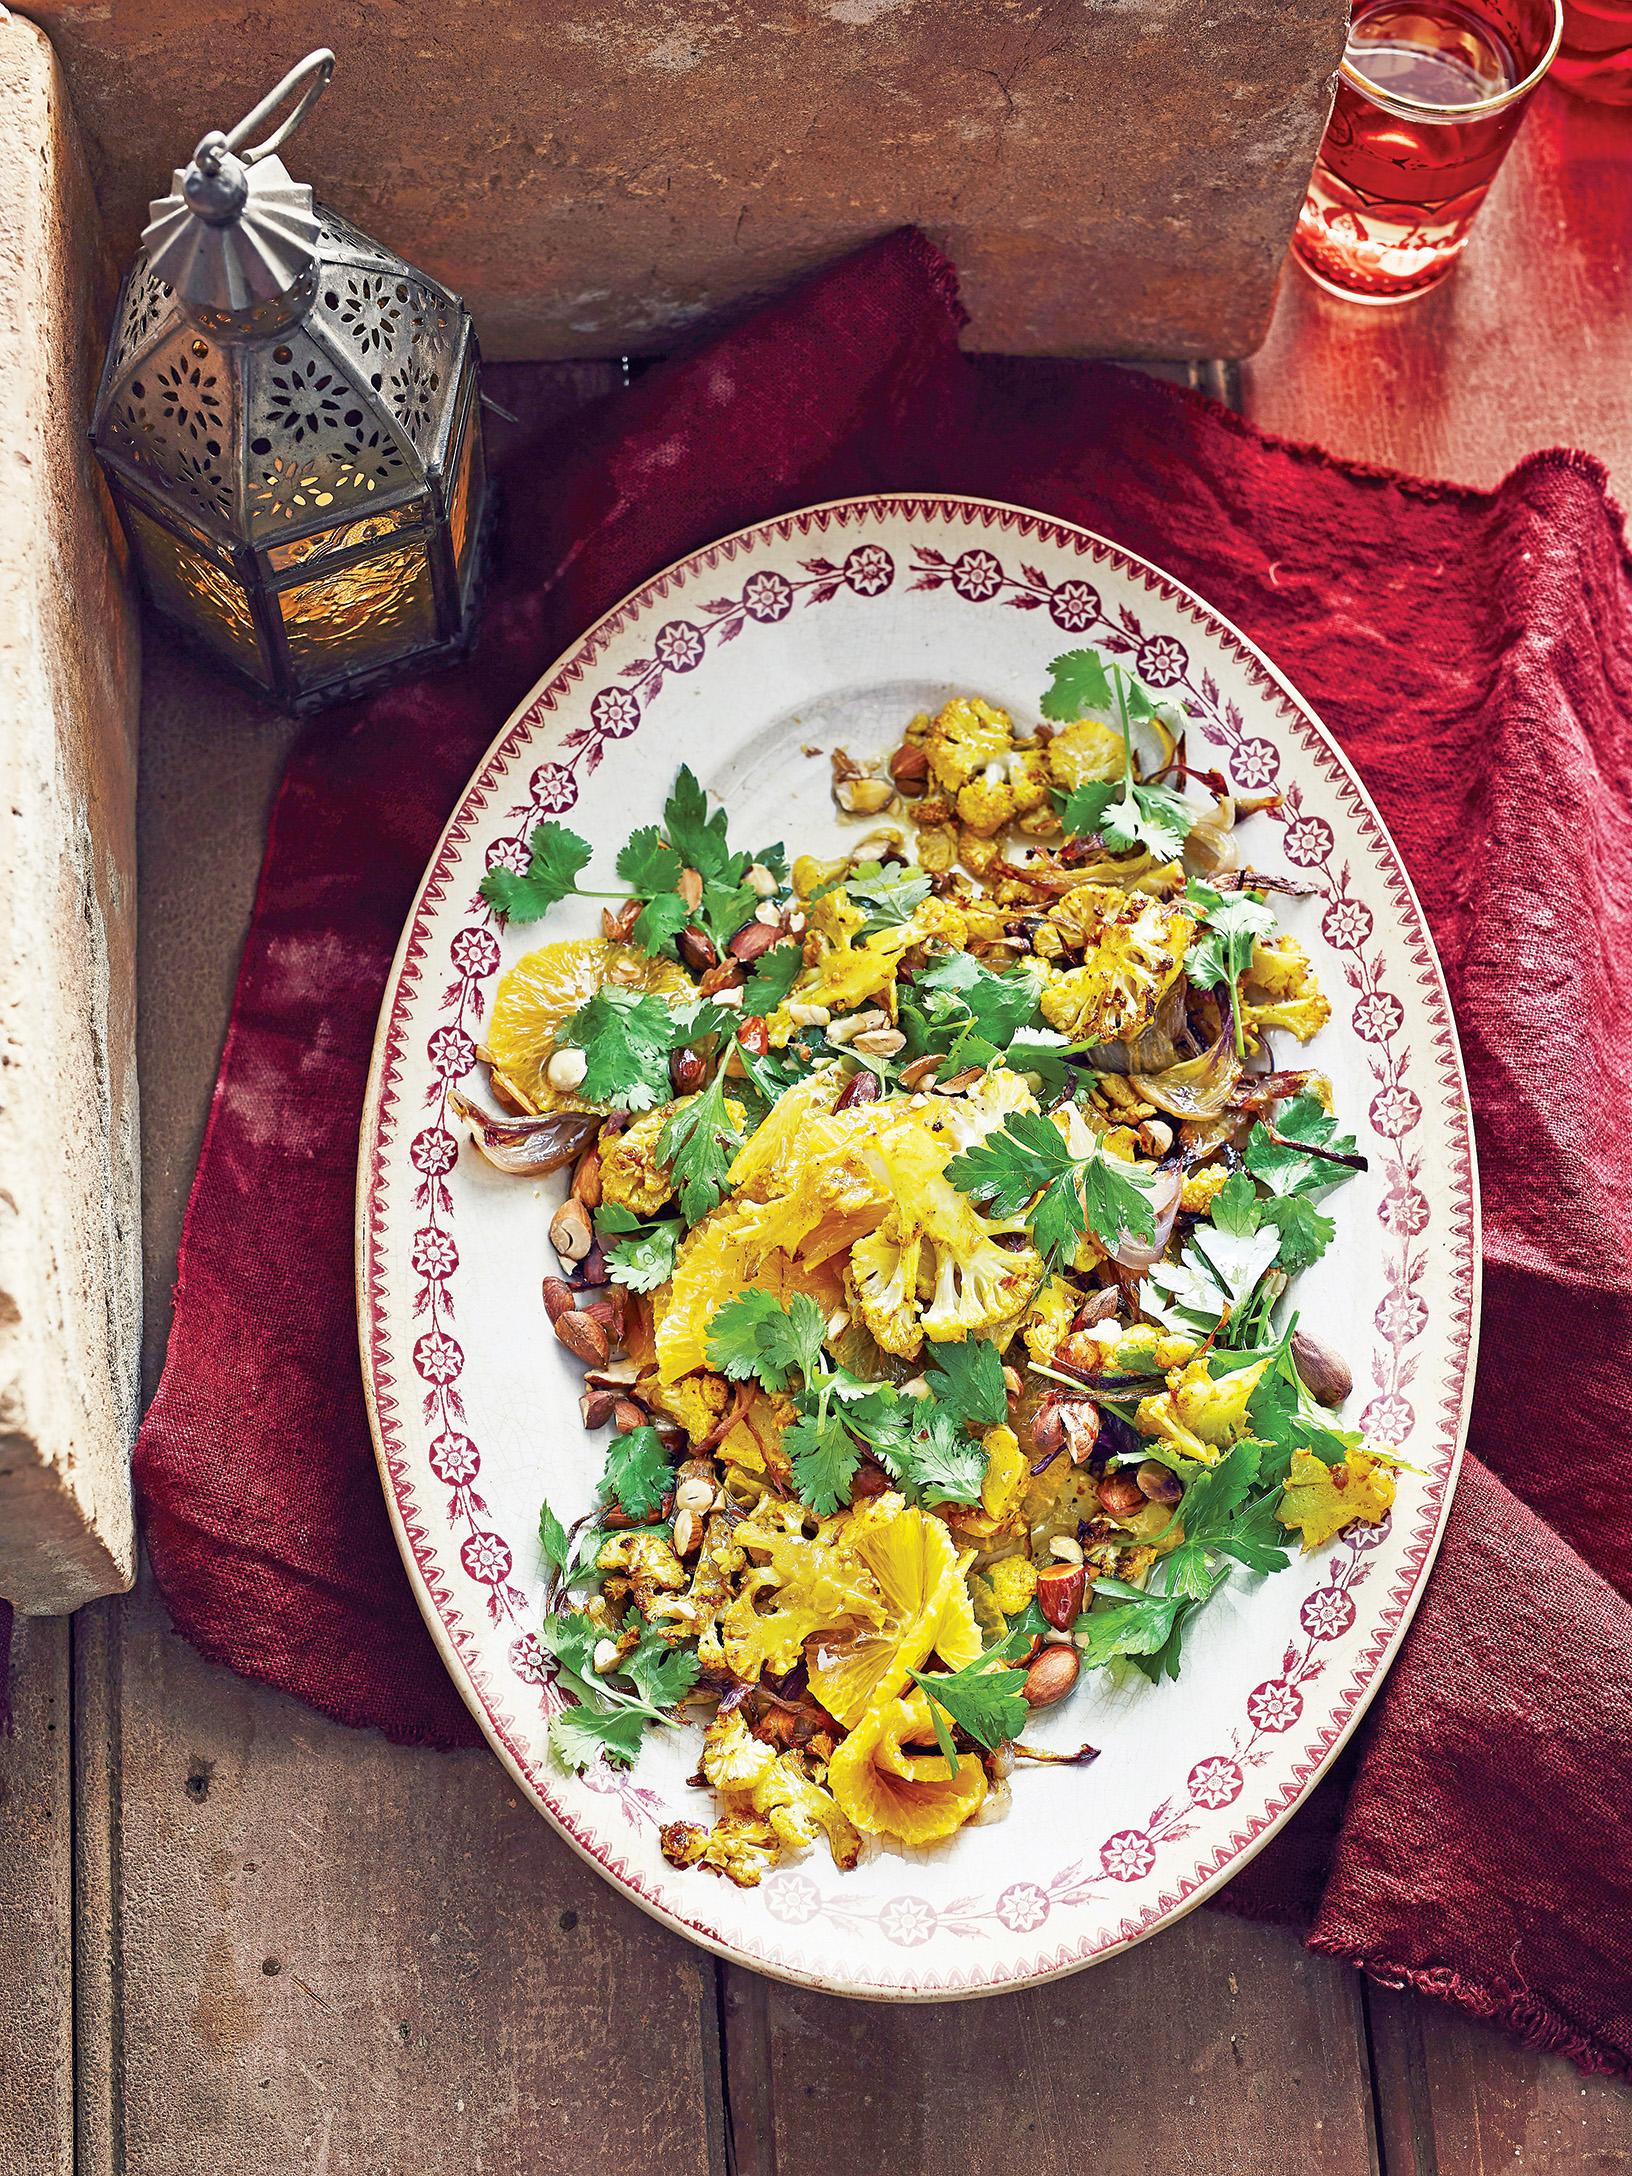 Przepisy Z Kuchni Orientalnej Marokańska Herbata Sałata Z